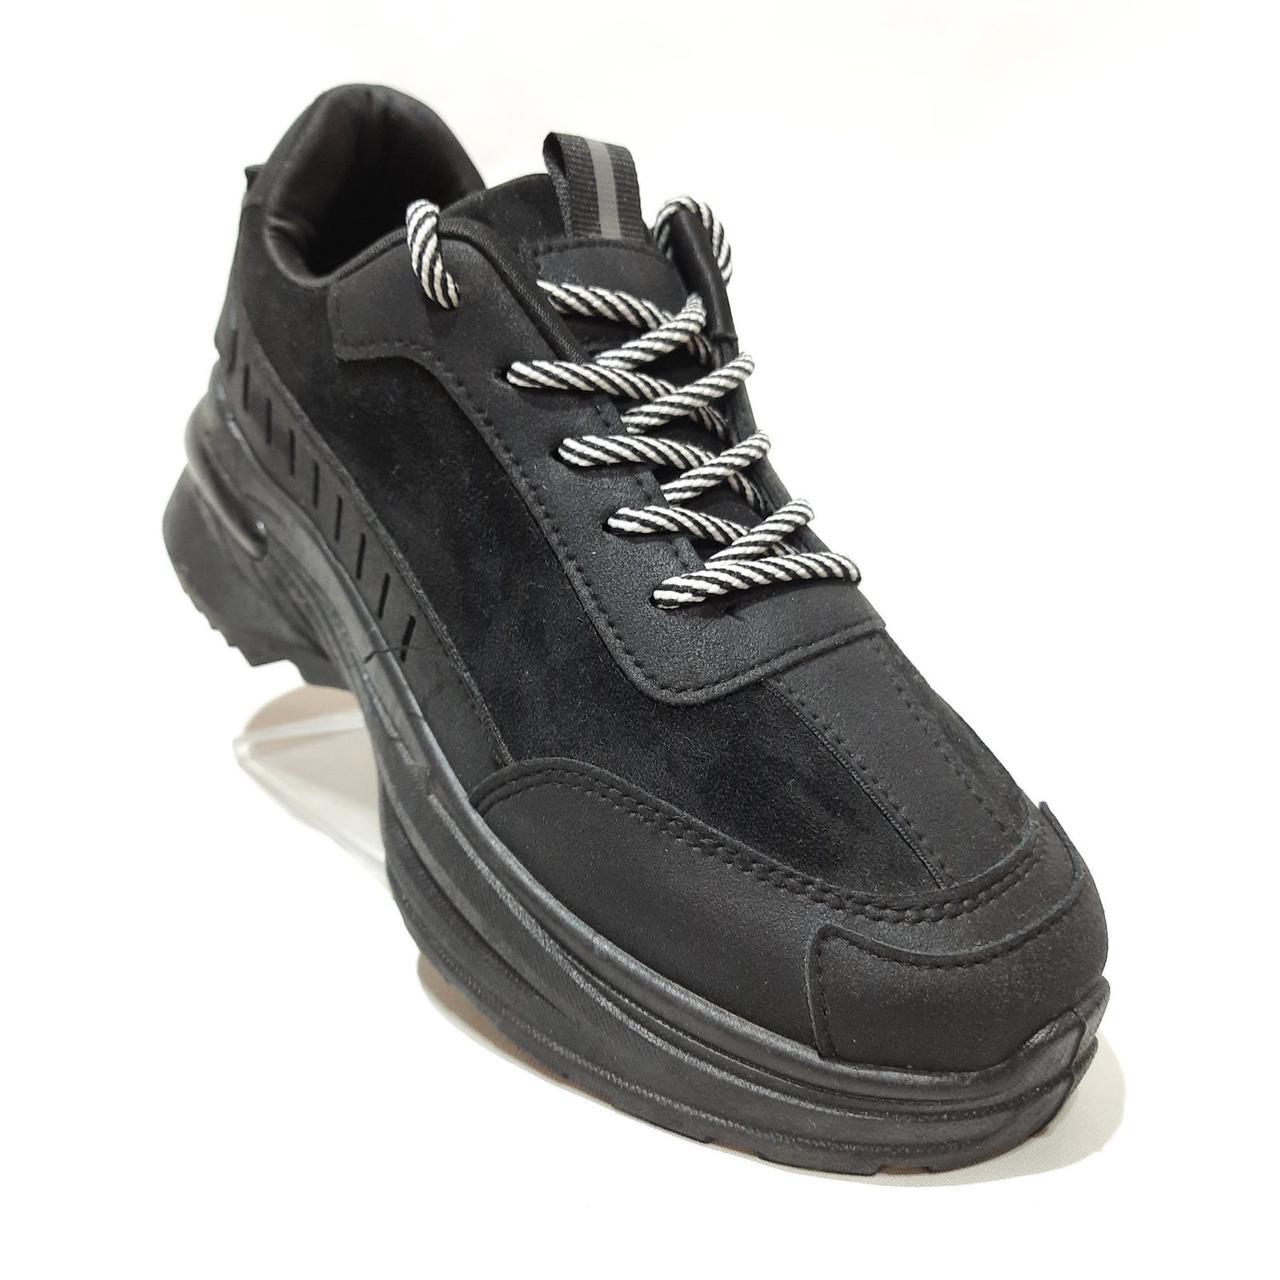 38 р. Женские кроссовки весенние из эко-кожи Черные Последняя пара